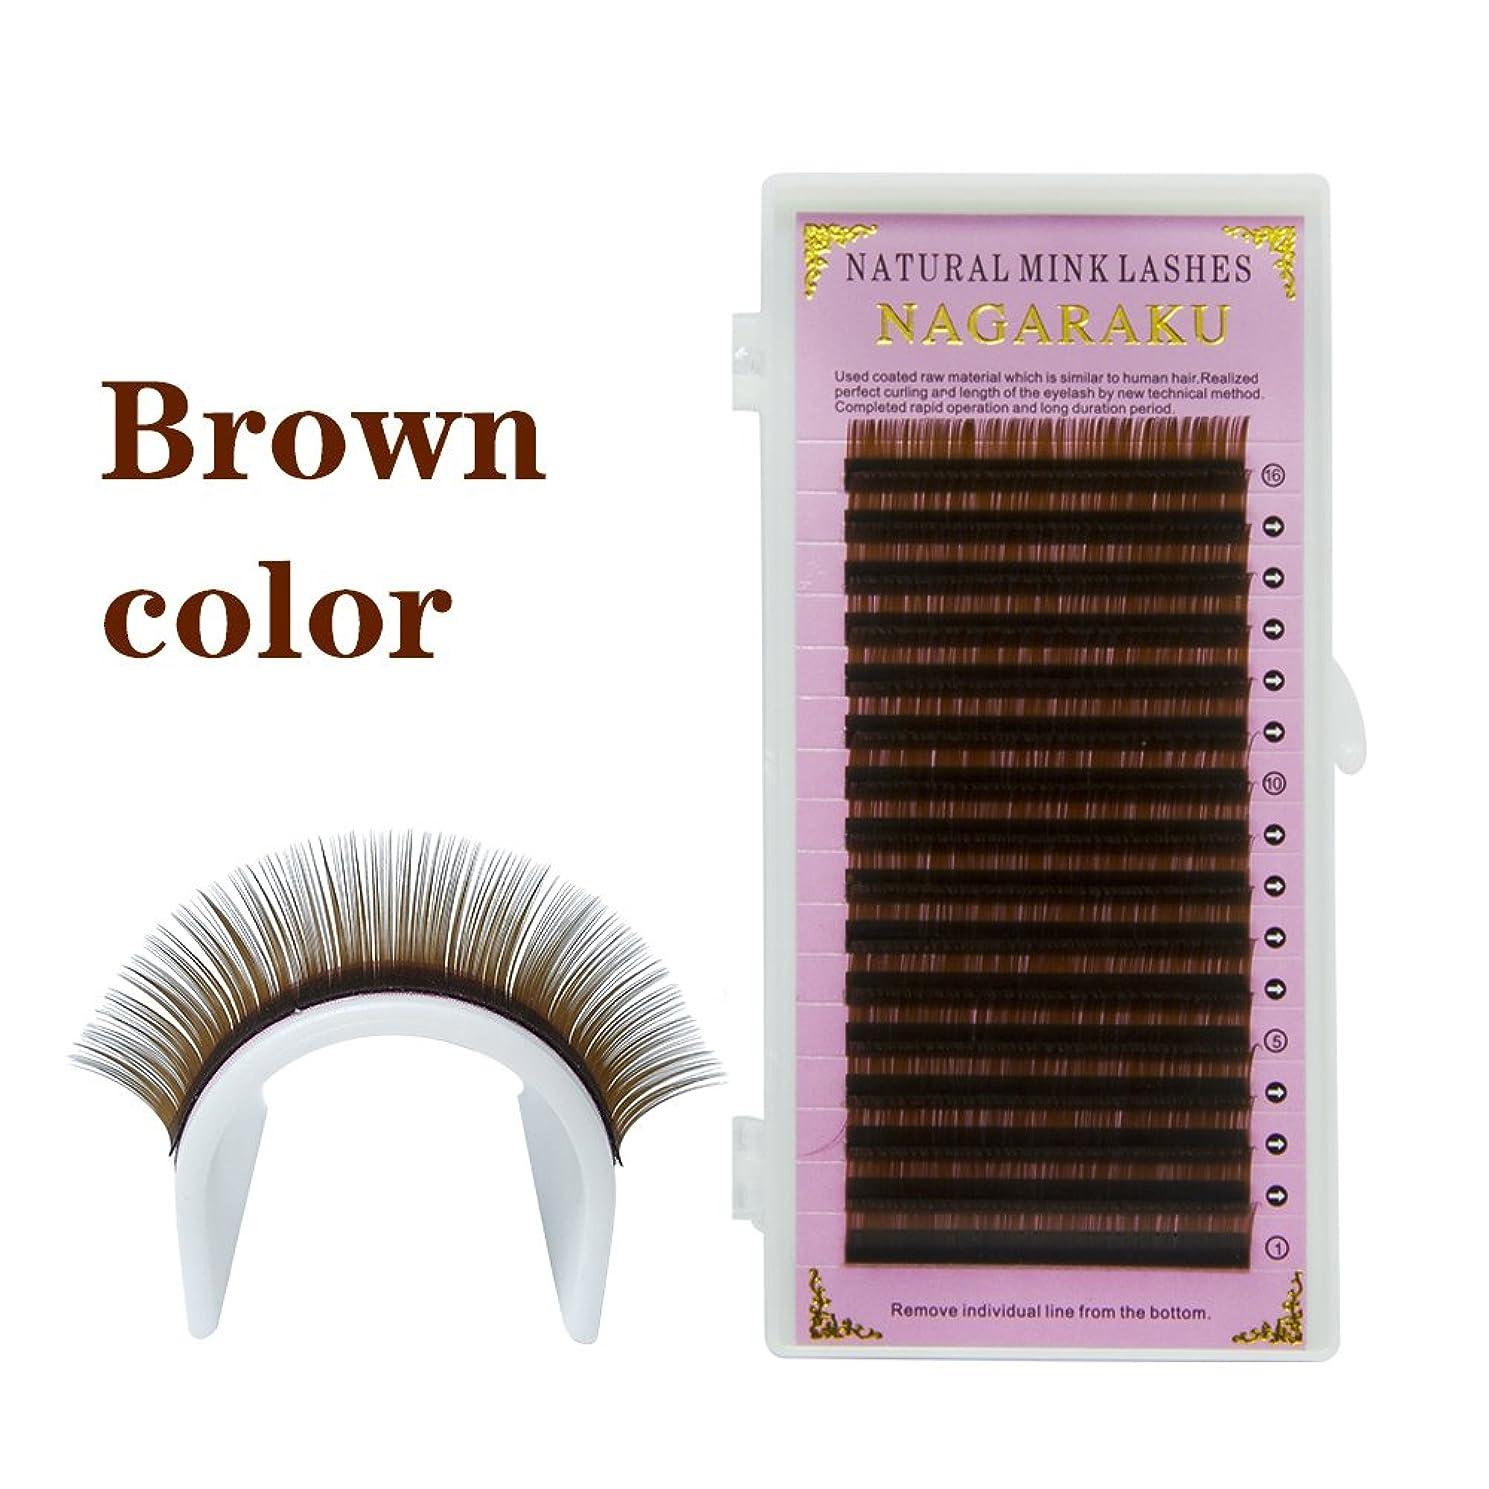 ヘルパー性別夜の動物園NAGARAKU 16列褐色ブラウン色まつげエクステ個人用のまつげミンクMinkマツエク、ソフトとナチュラル(0.07 C 15mm)